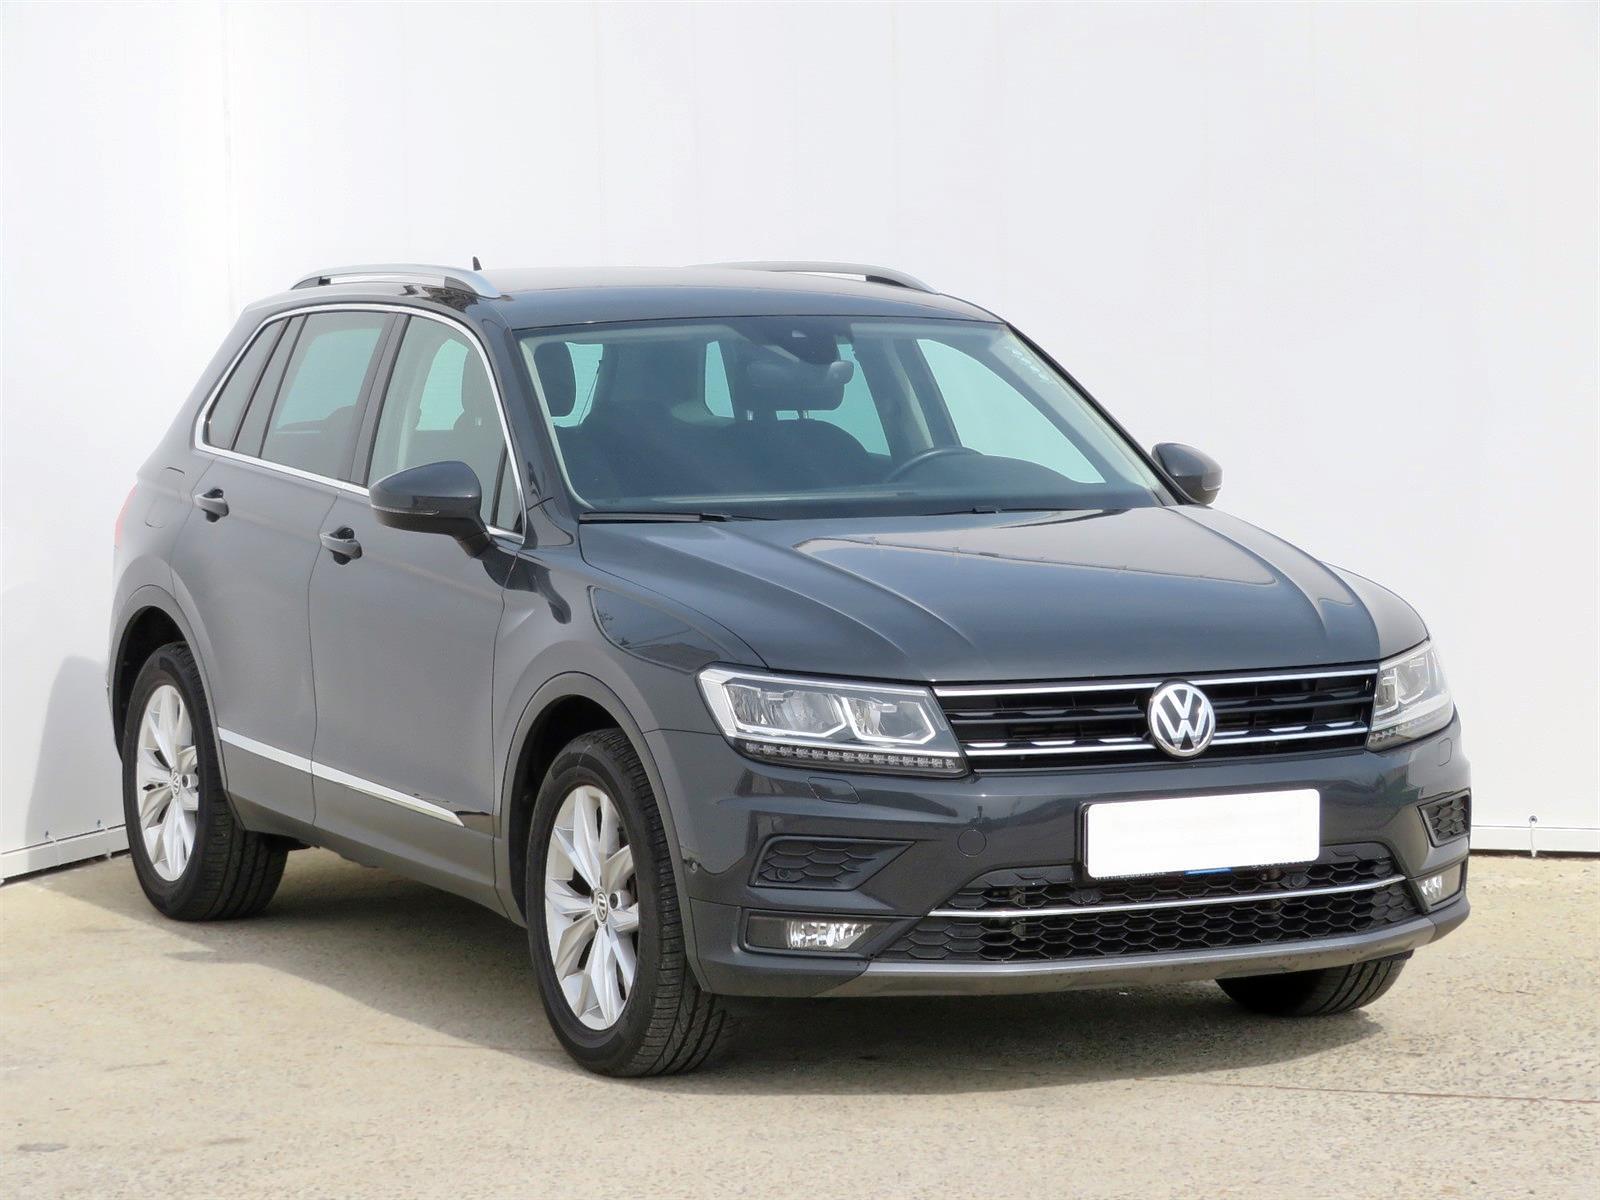 Volkswagen Tiguan 2.0 TSI 132kW SUV benzin